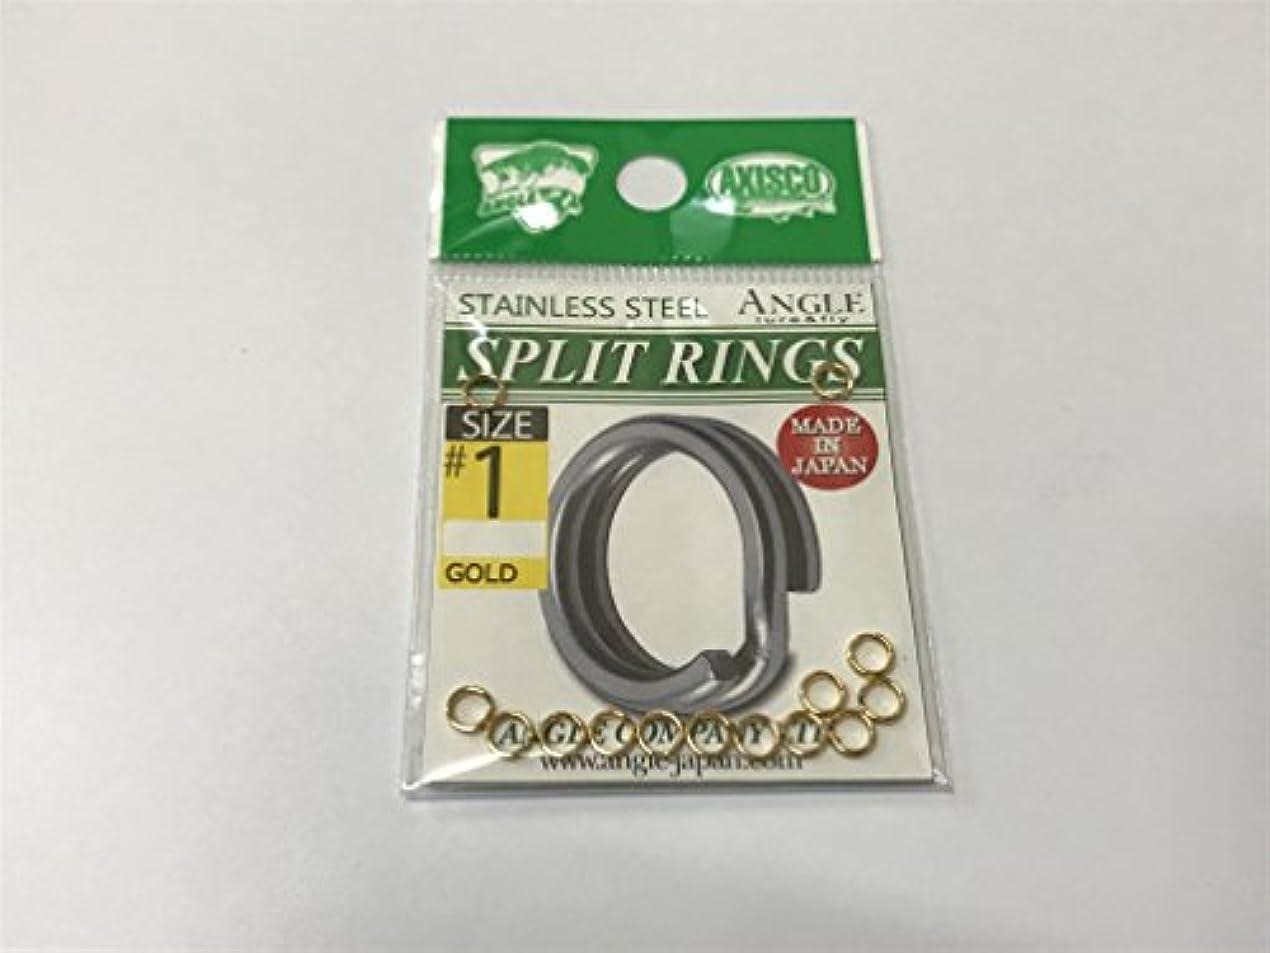 無条件木製解釈的アングル スプリットリング ゴールド サイズ#1